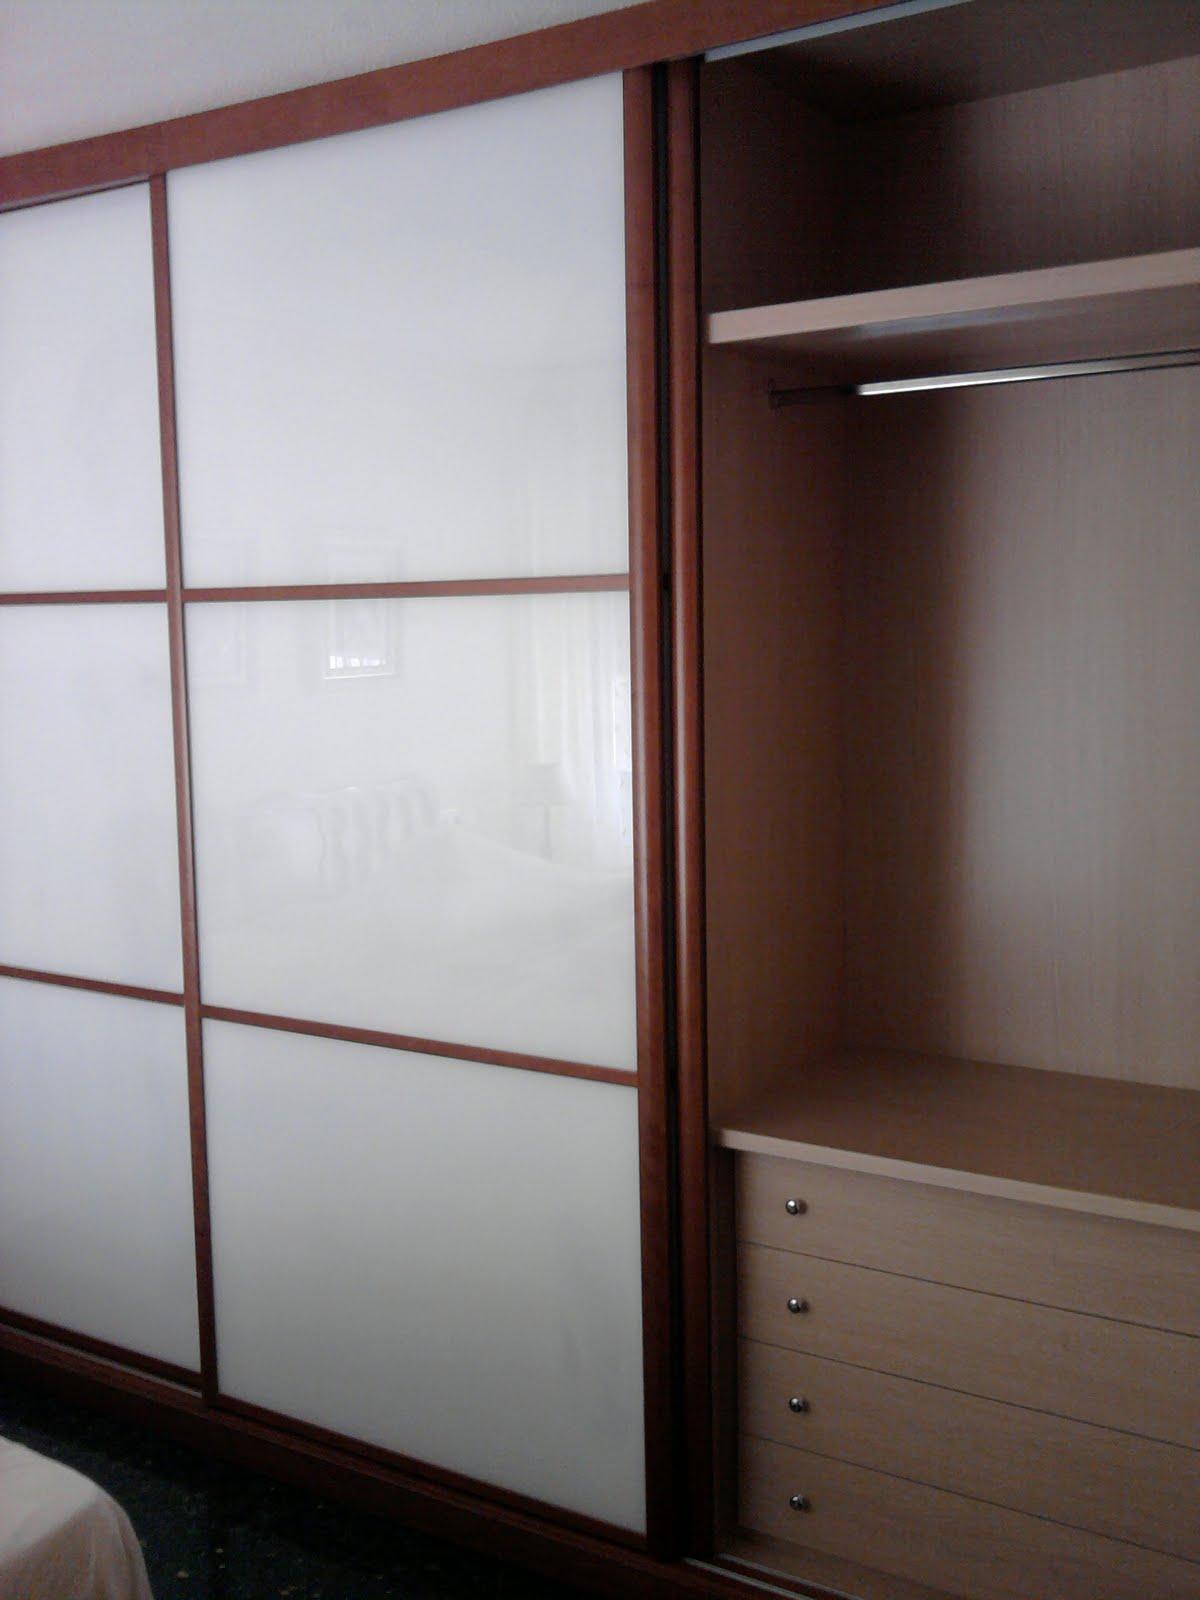 Decoraciones sahuquillo armario cerezo puertas correderas - Armarios de plastico para exteriores ...